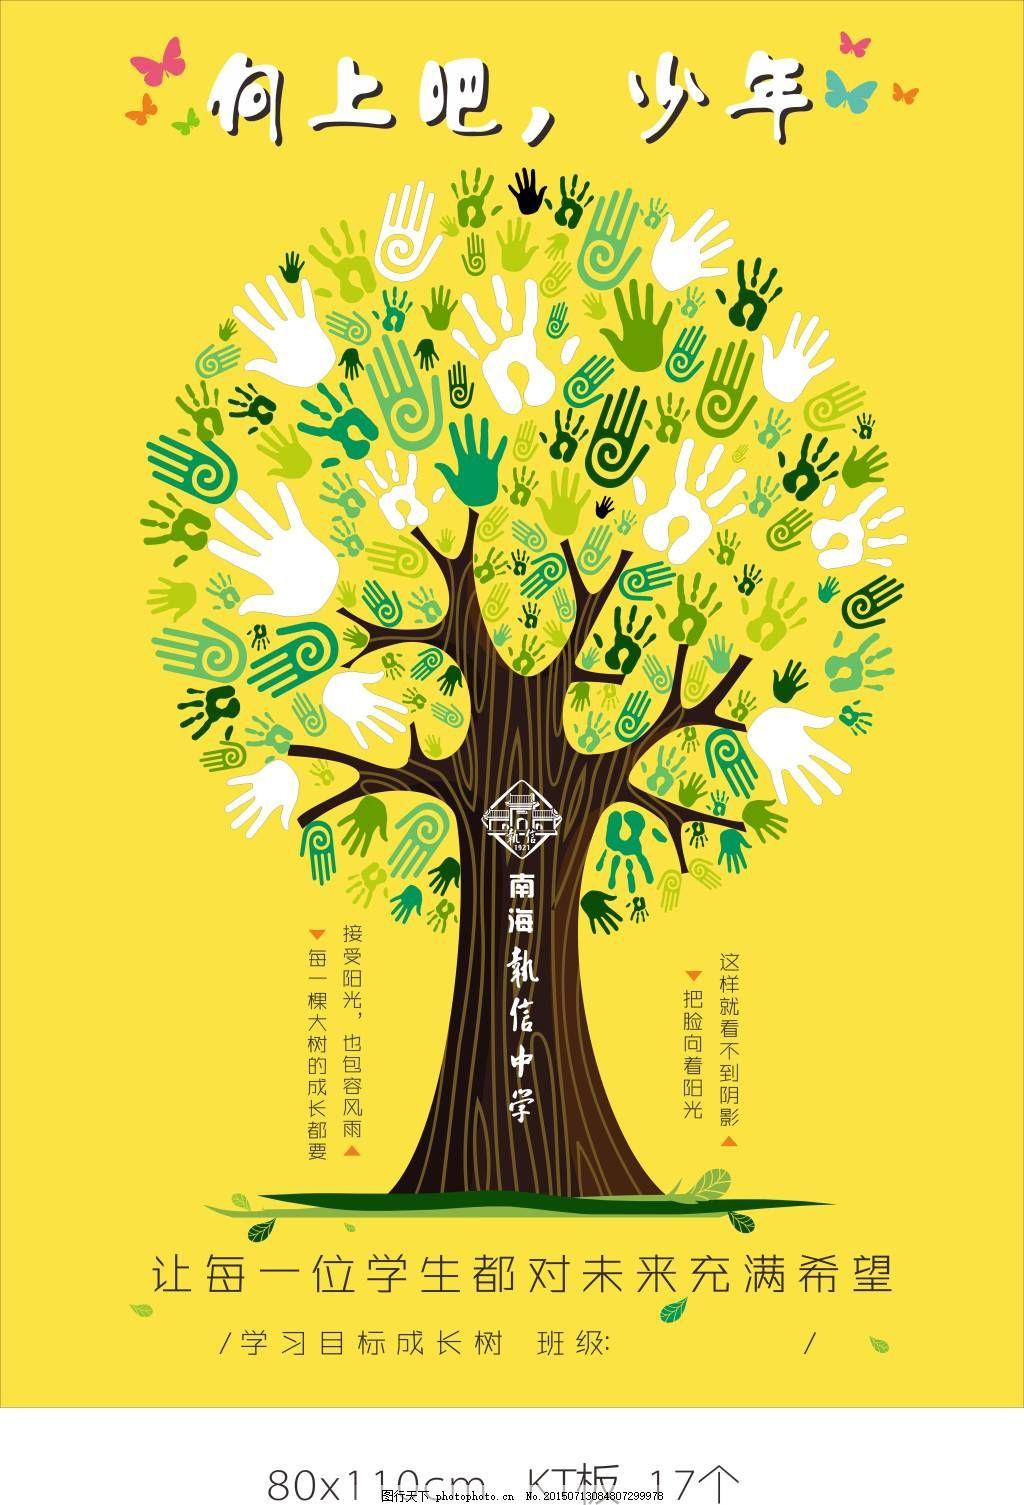 中学生学习目标海报 成长树